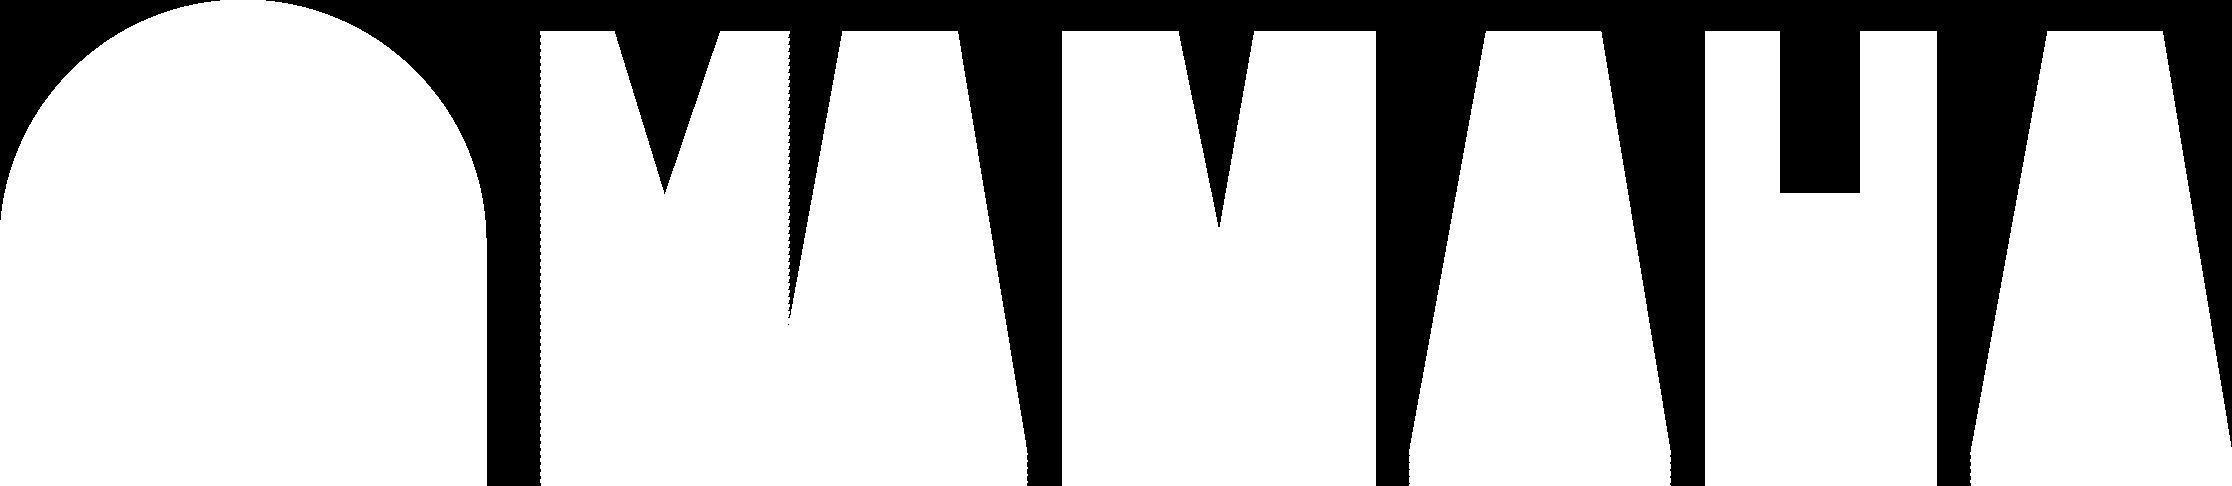 Yamaha Logo - Black u0026 White - Yamaha PNG